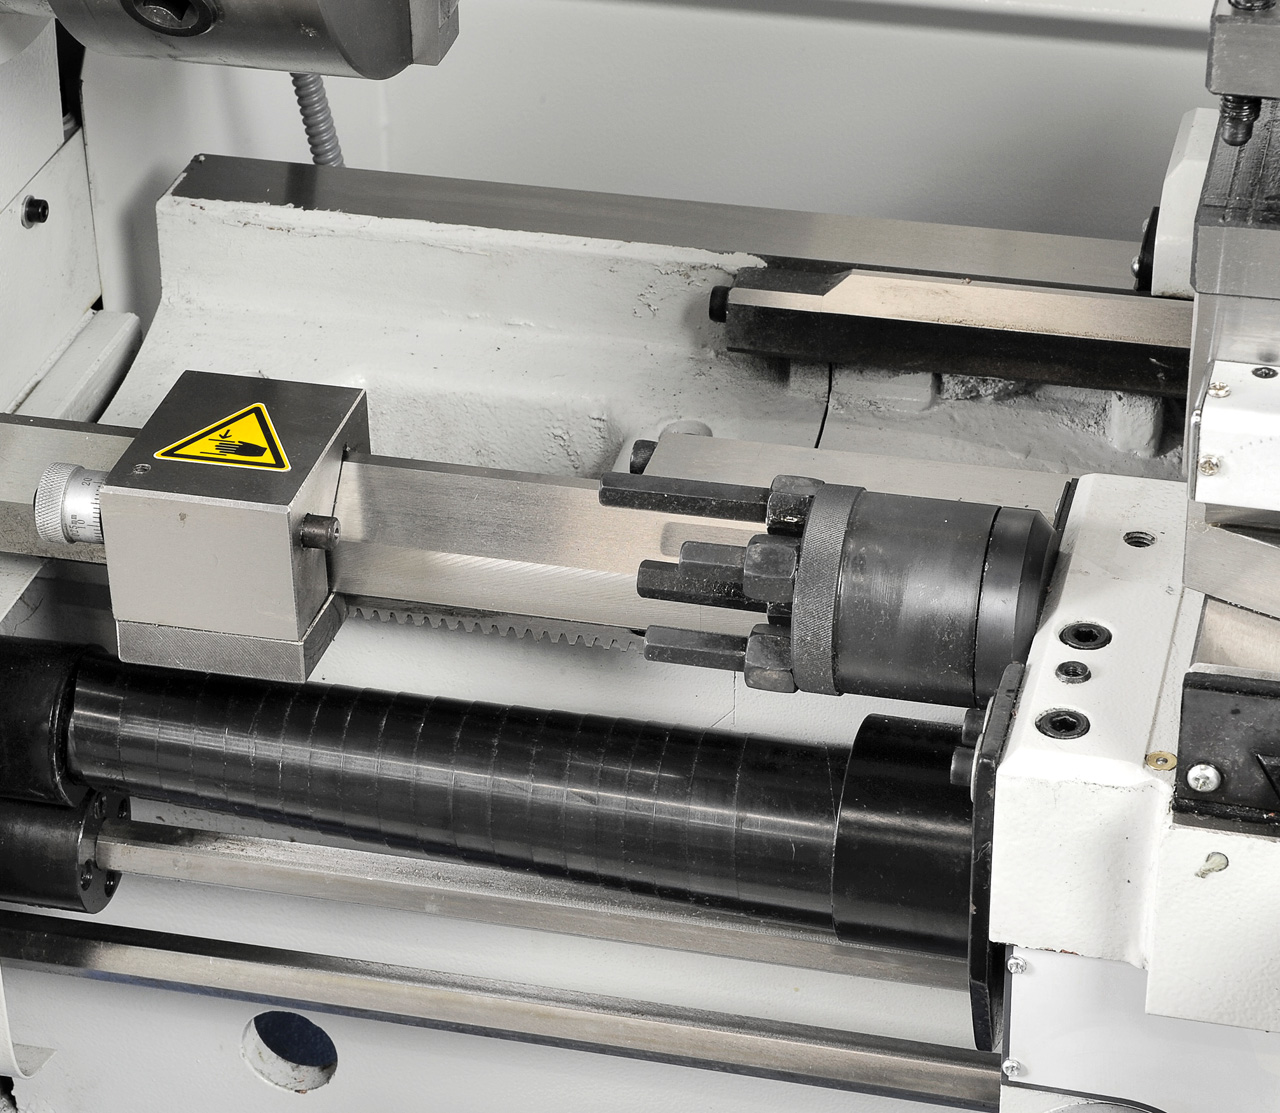 Mikrometerlängs- und Revolveranschlag im Lieferumfang enthalten.